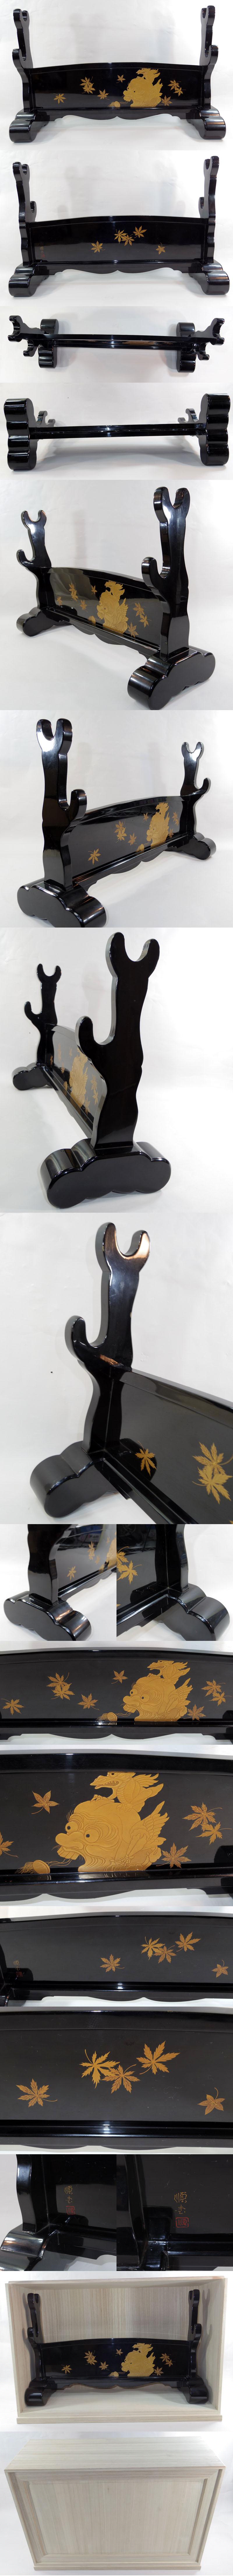 日本刀 刀掛け Picture of parts